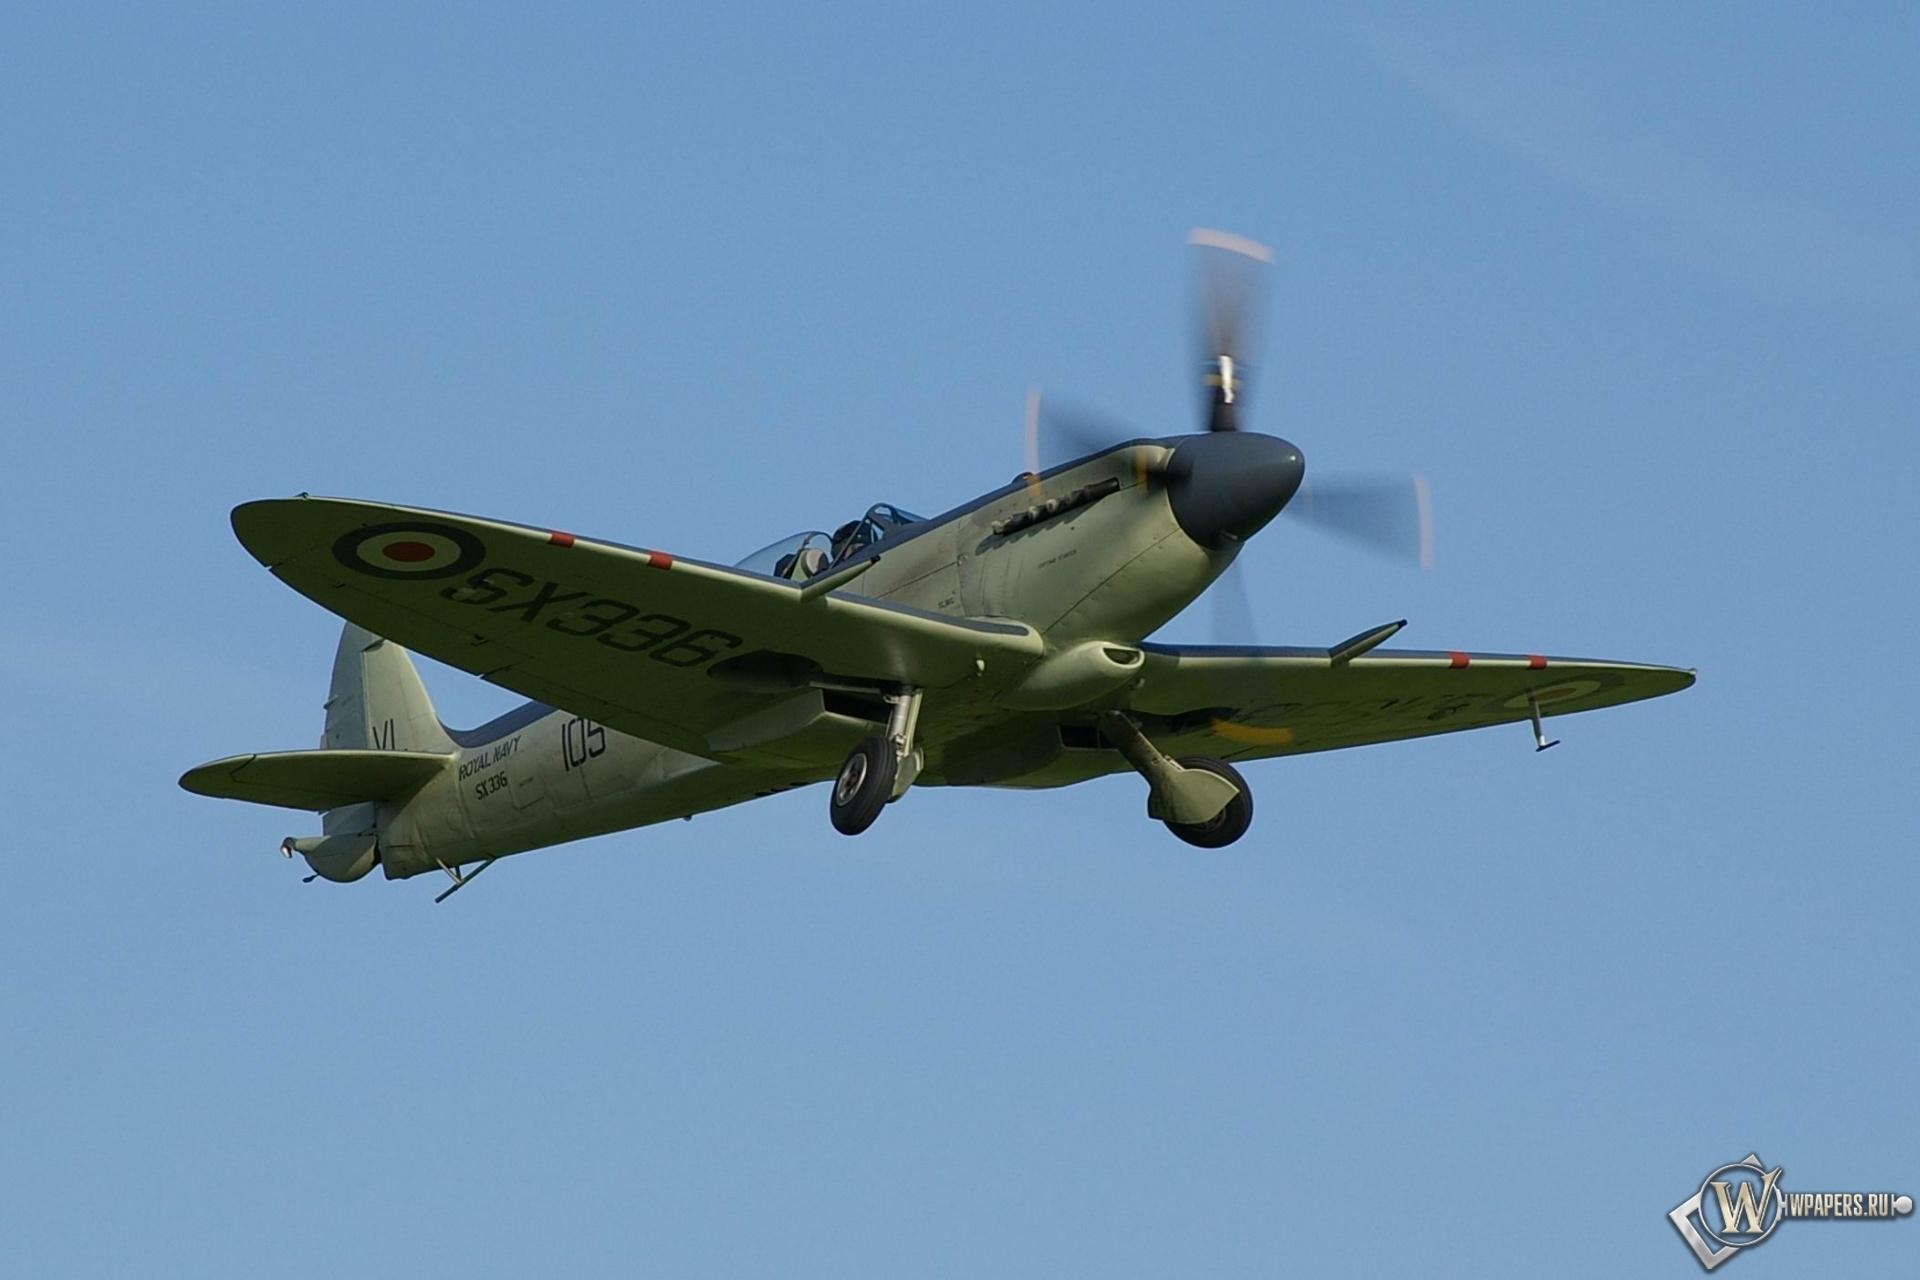 Supermarine Spitfire 1920x1280